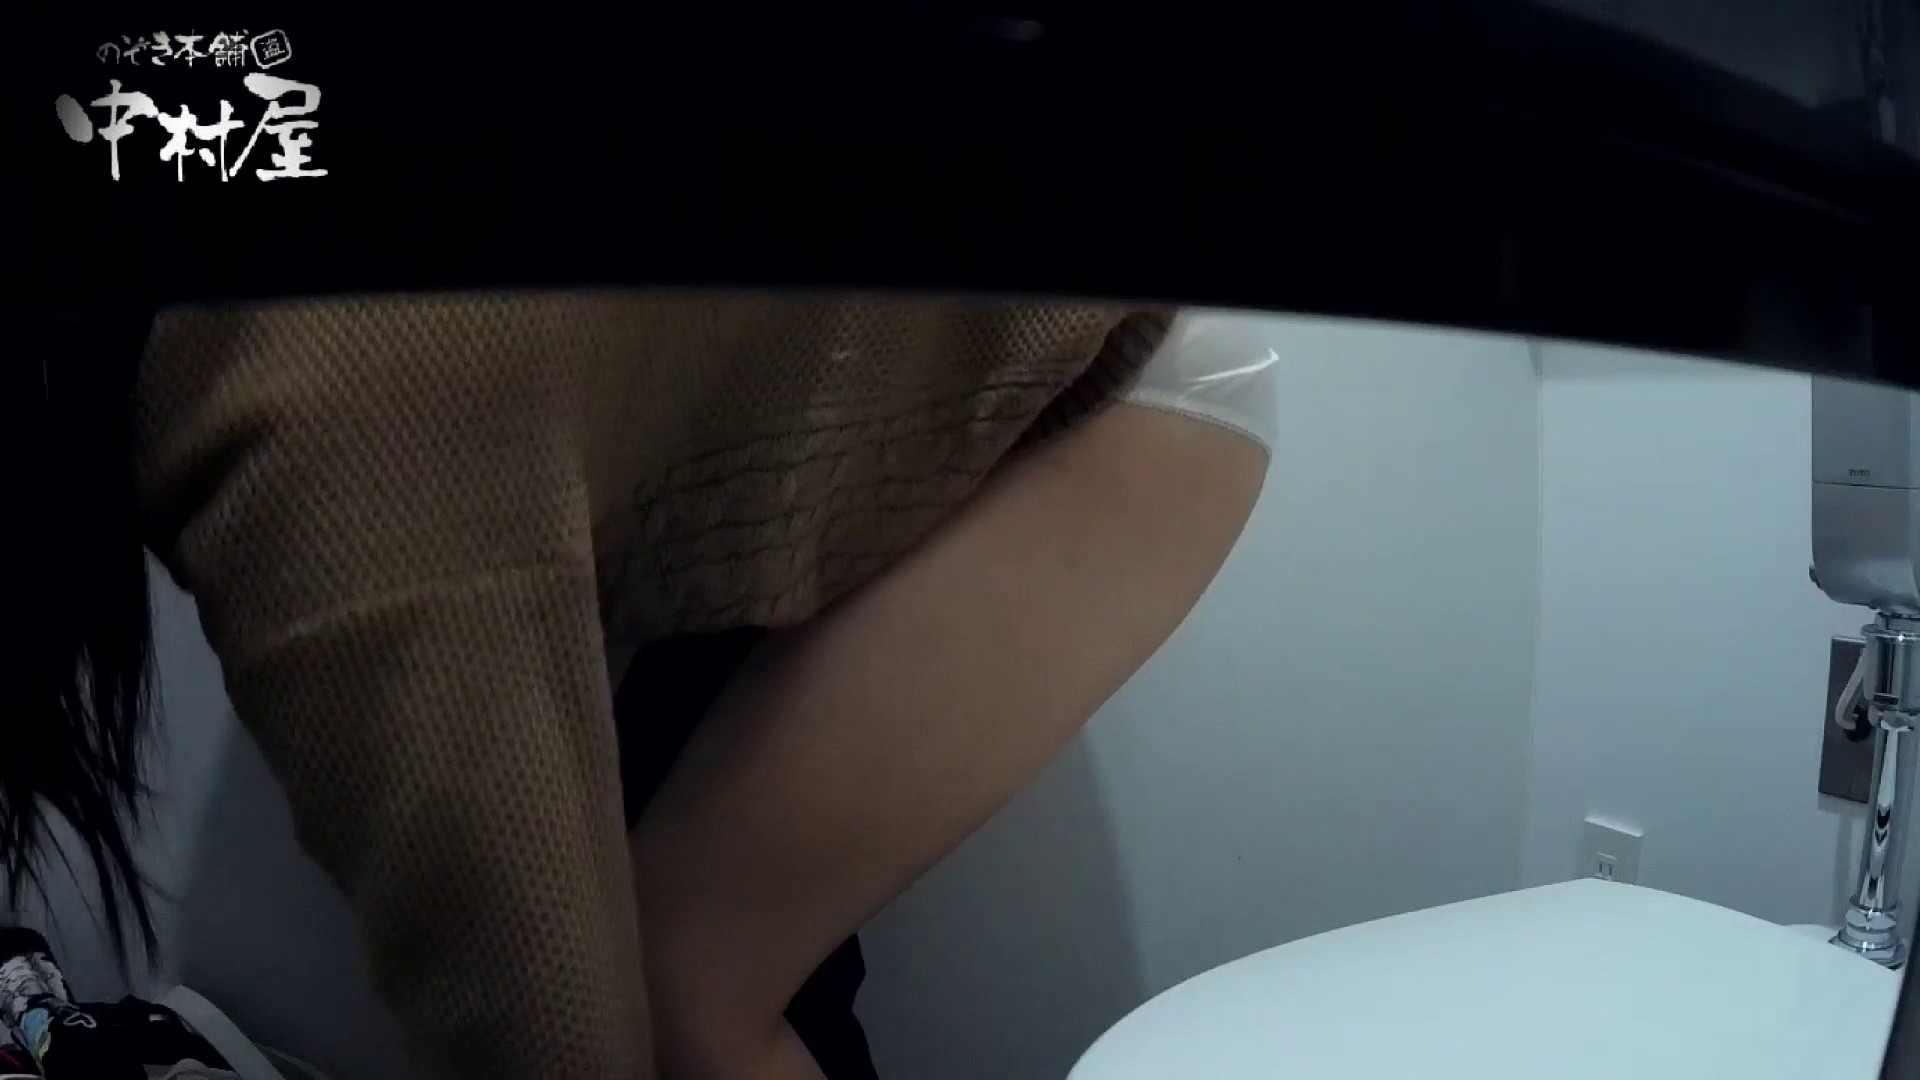 有名大学女性洗面所 vol.54 設置撮影最高峰!! 3視点でじっくり観察 和式トイレ SEX無修正画像 94pic 44